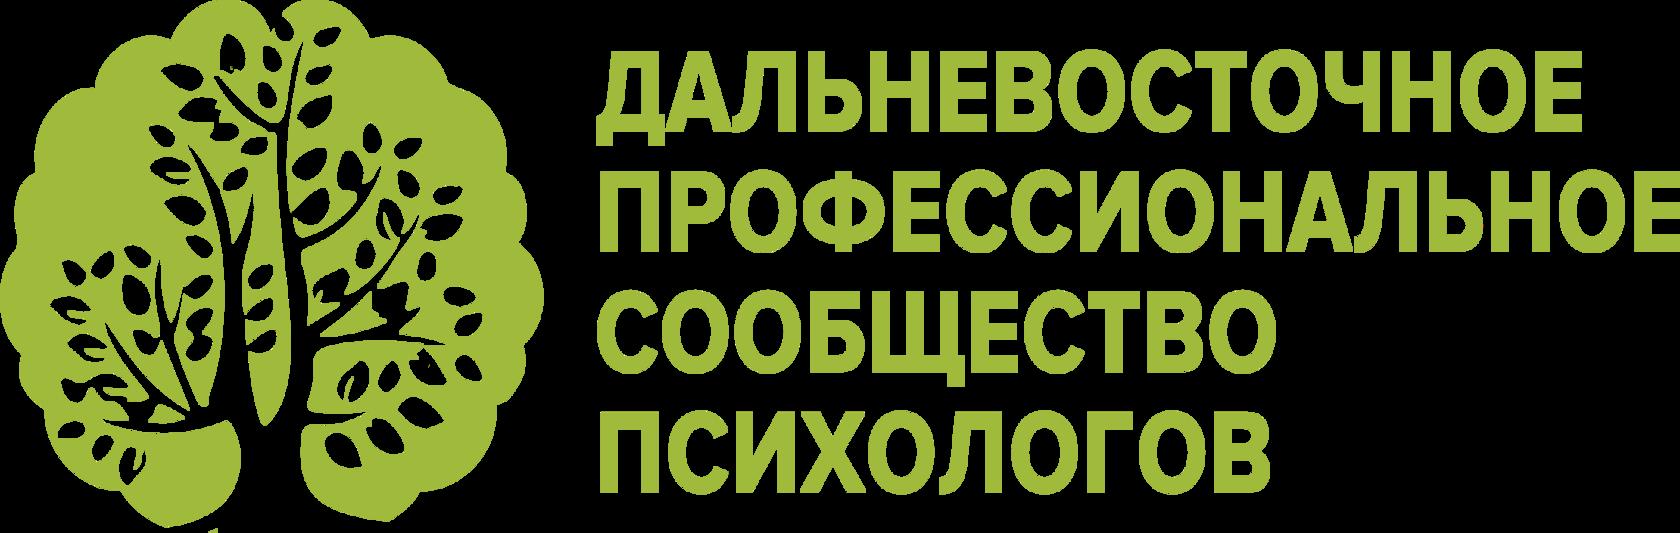 двпсп